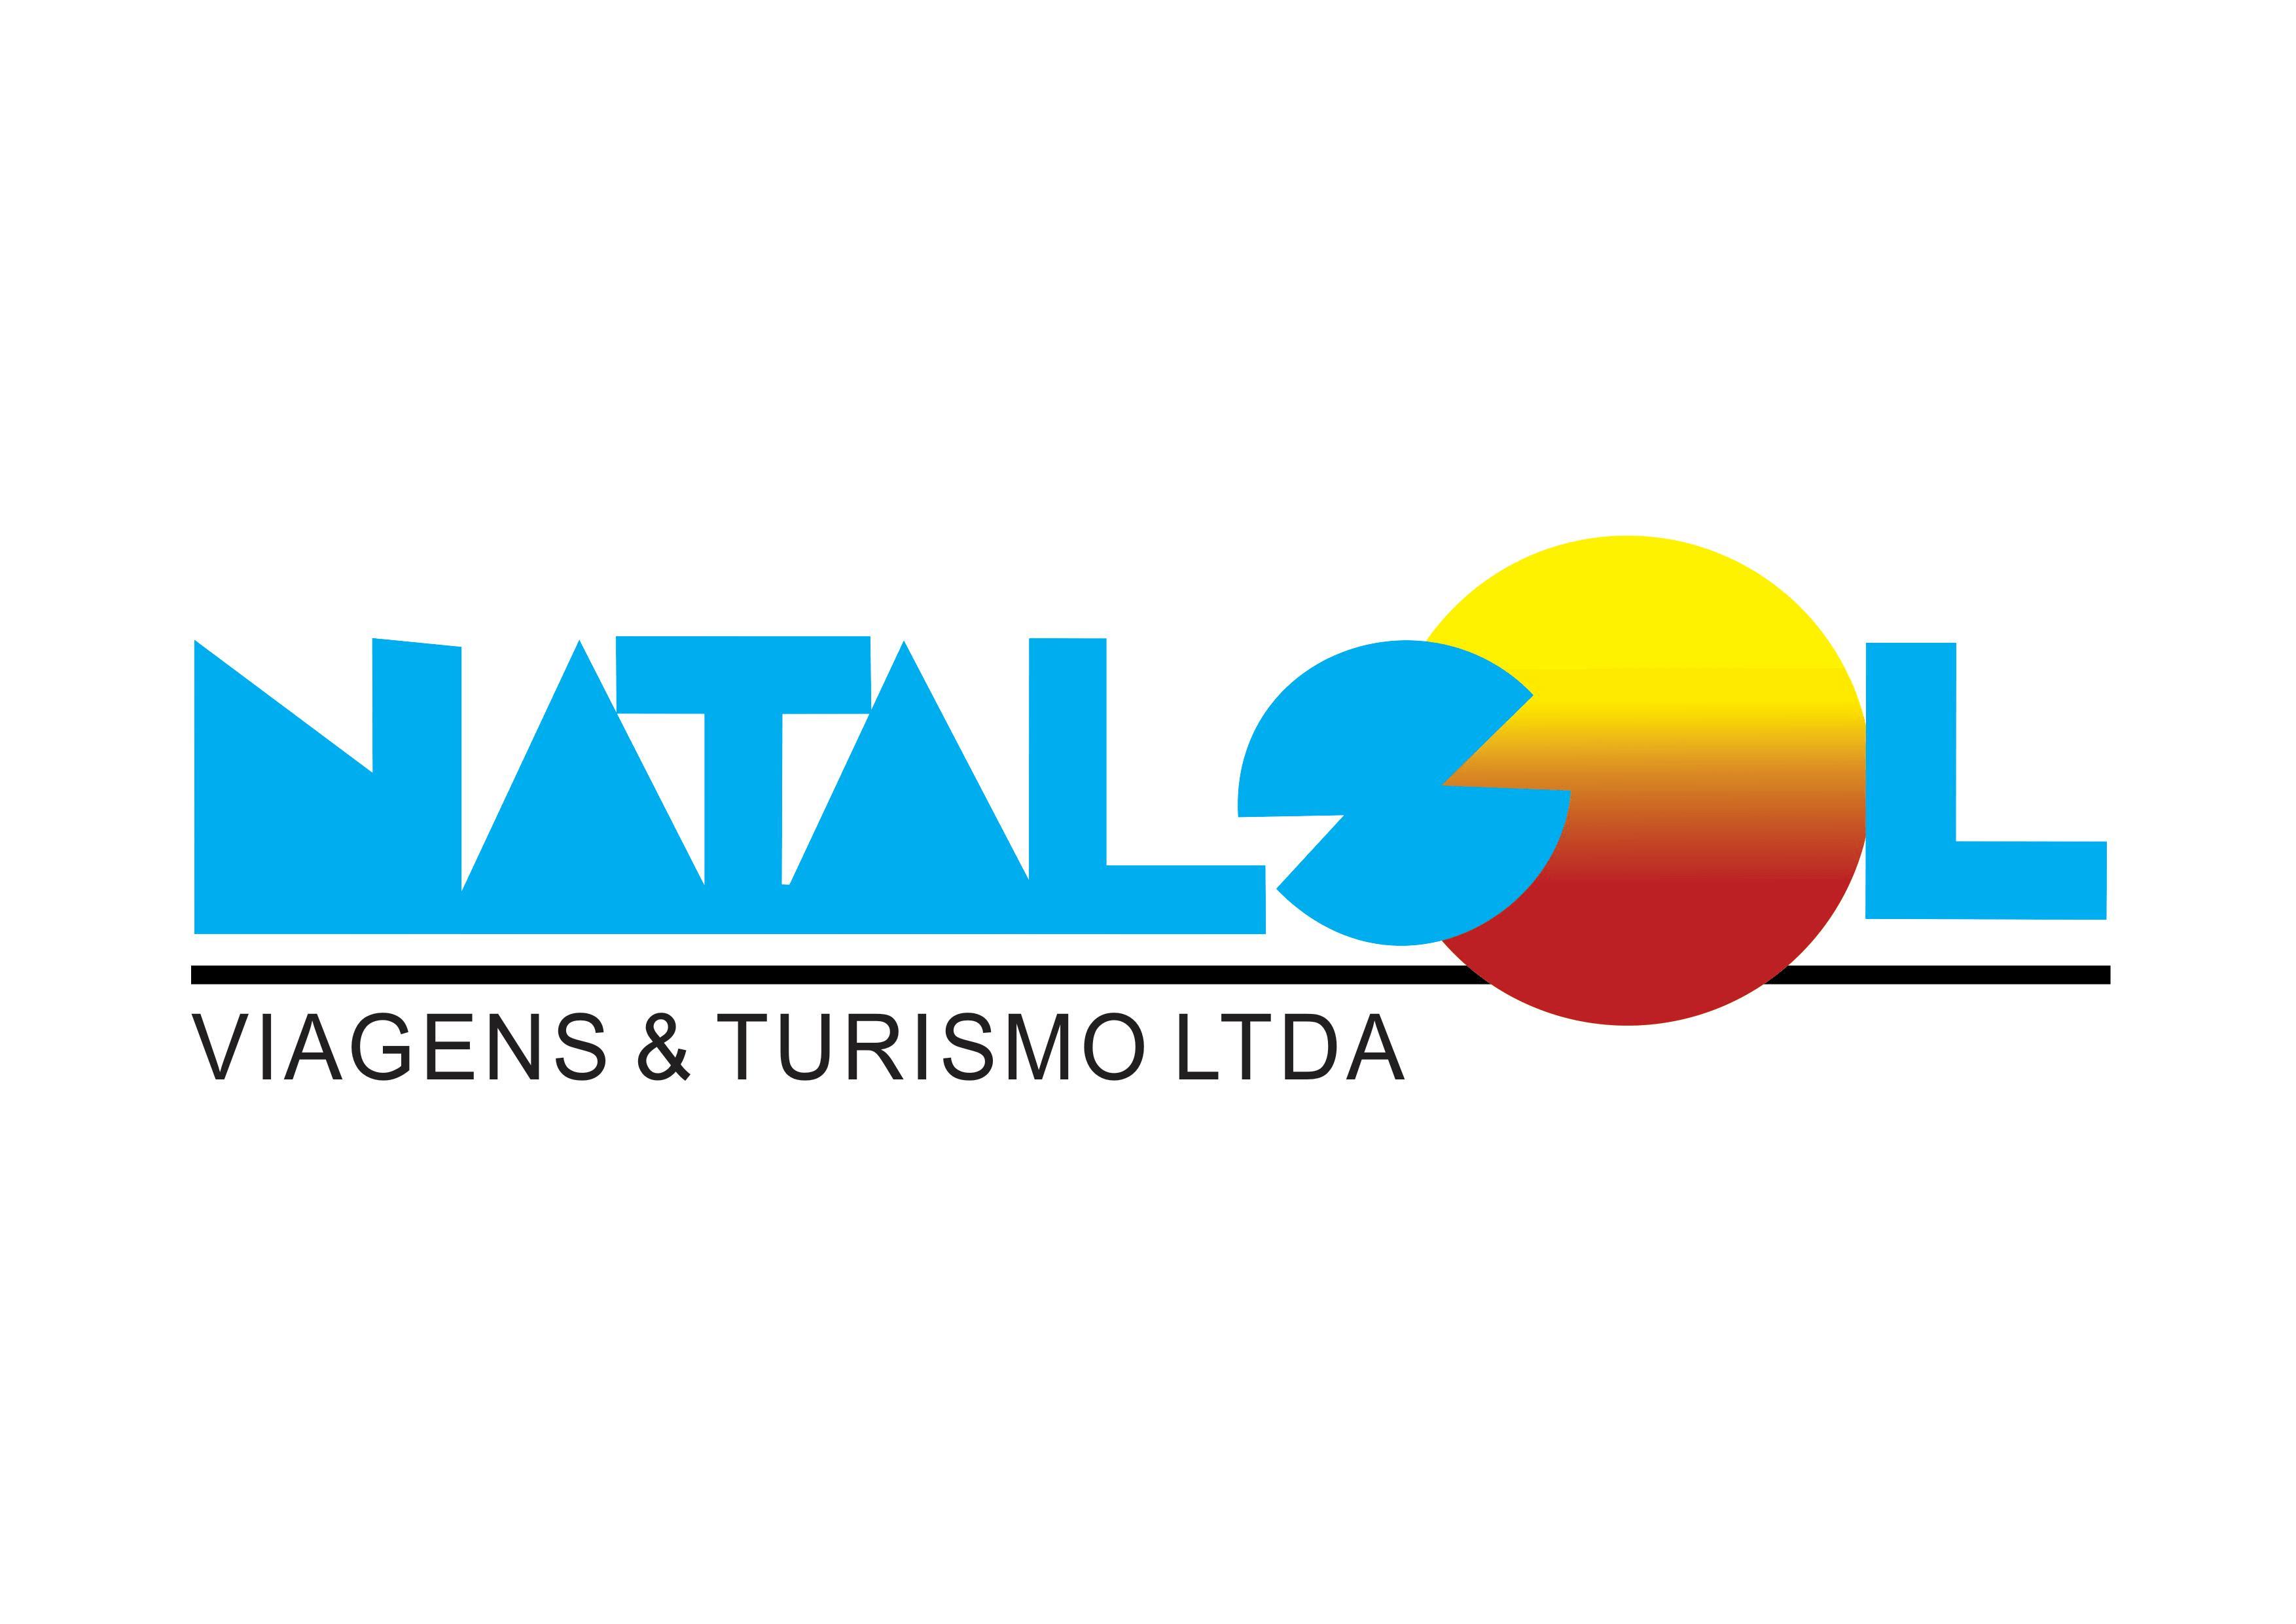 NatalSol Viagens e Turismo